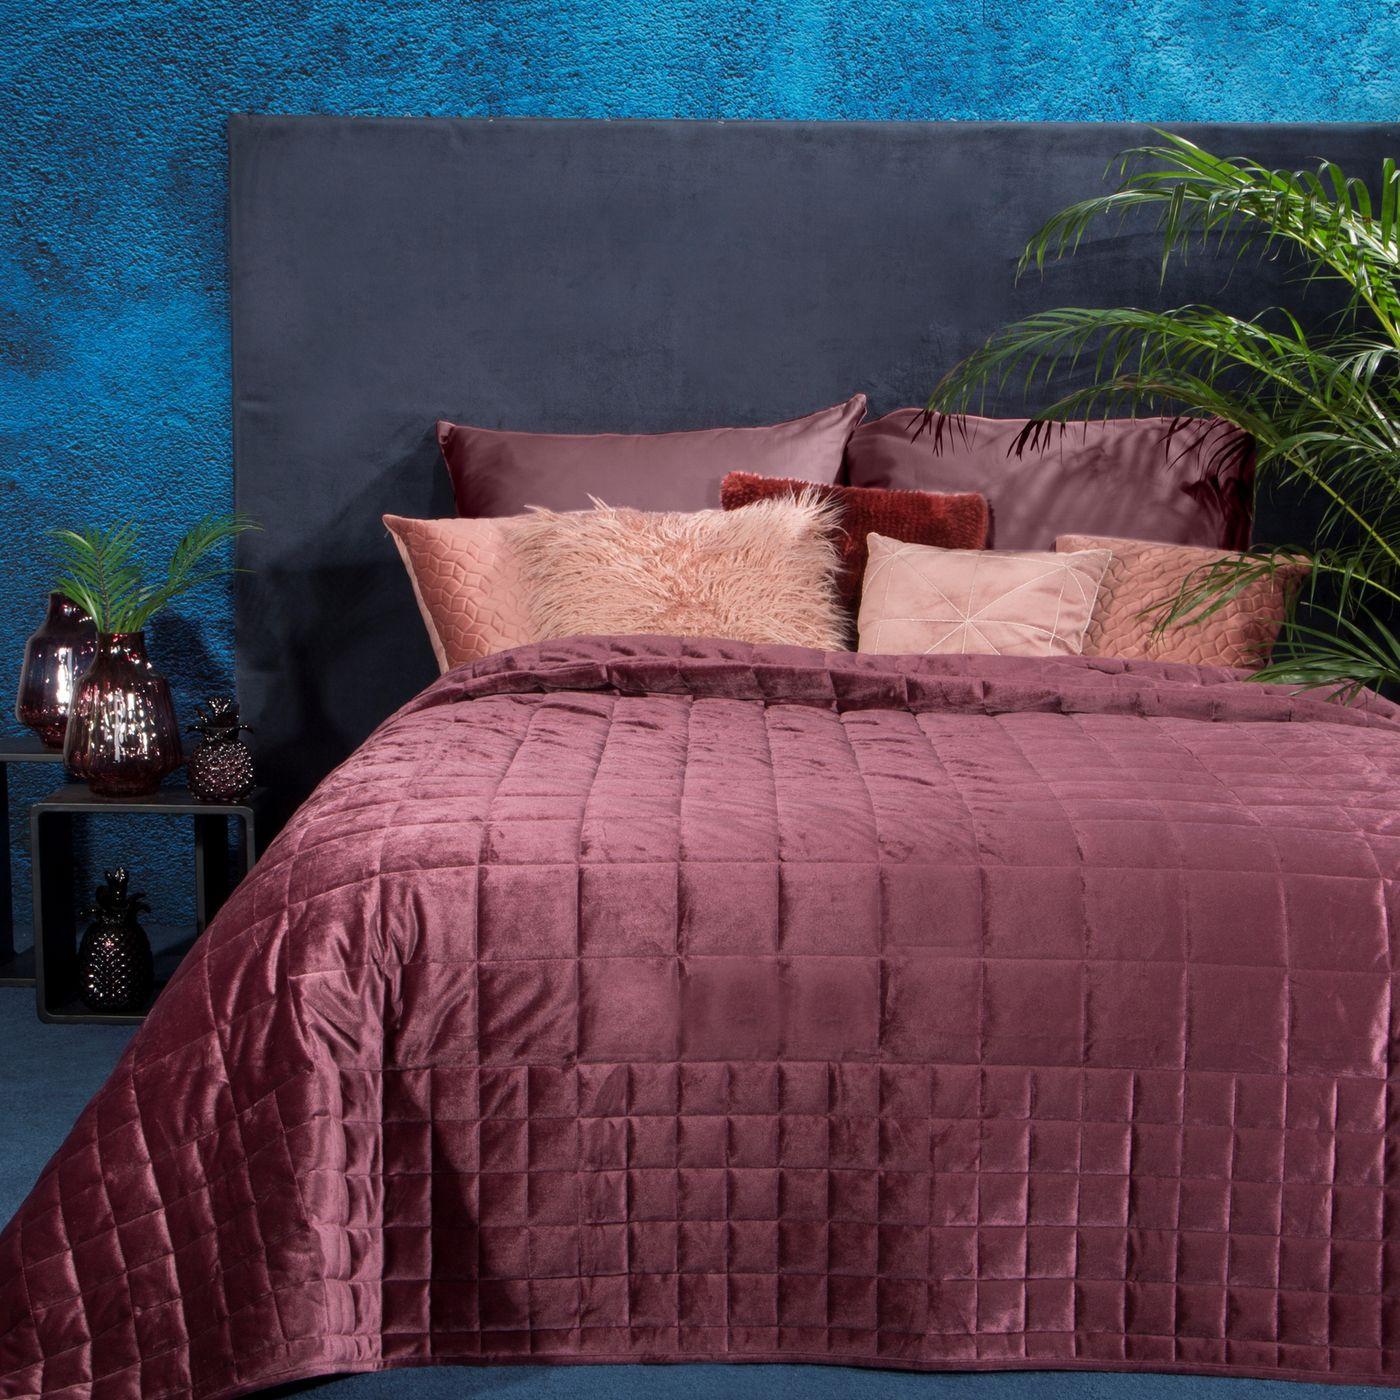 Pikowana narzuta do sypialni - mój wybór Eva Minge - różowa 220x240 cm